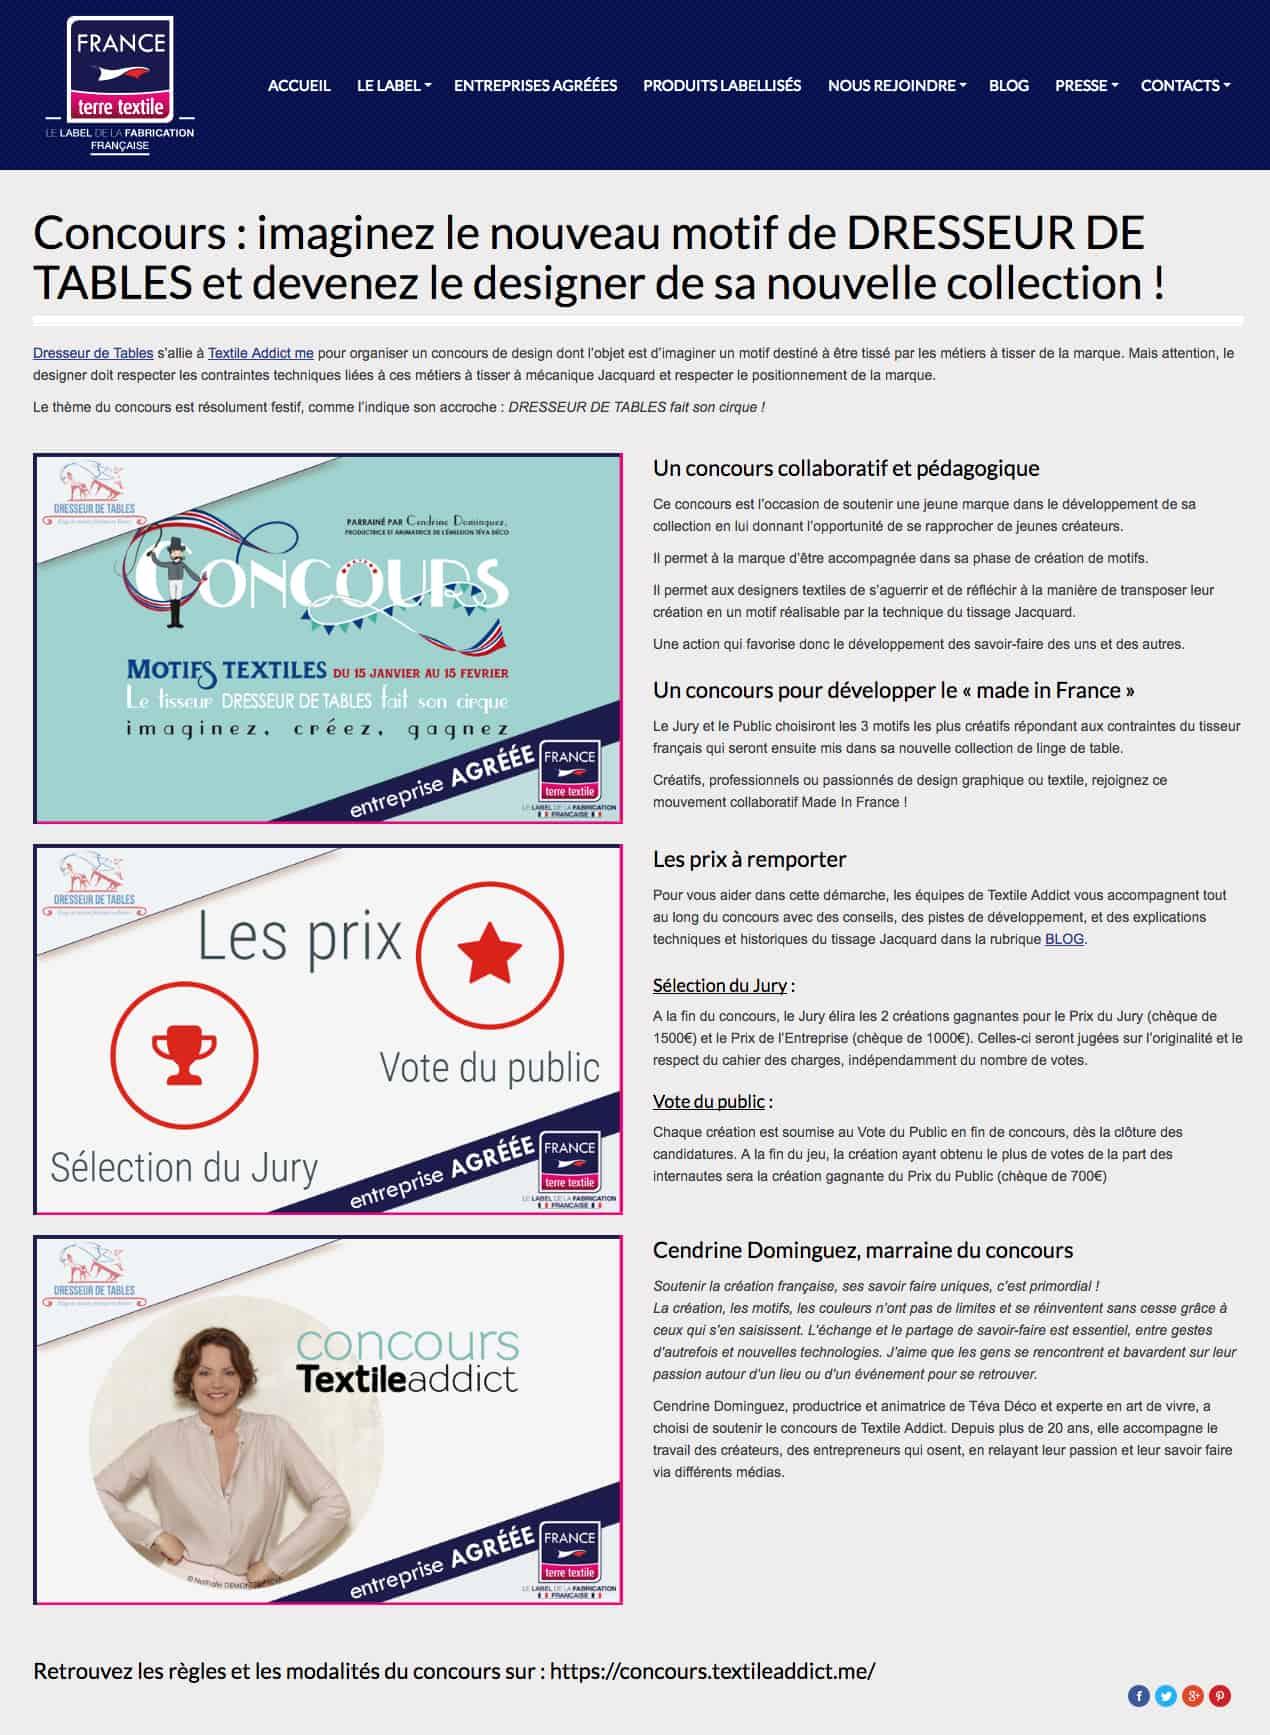 france terre textile concours textile addict